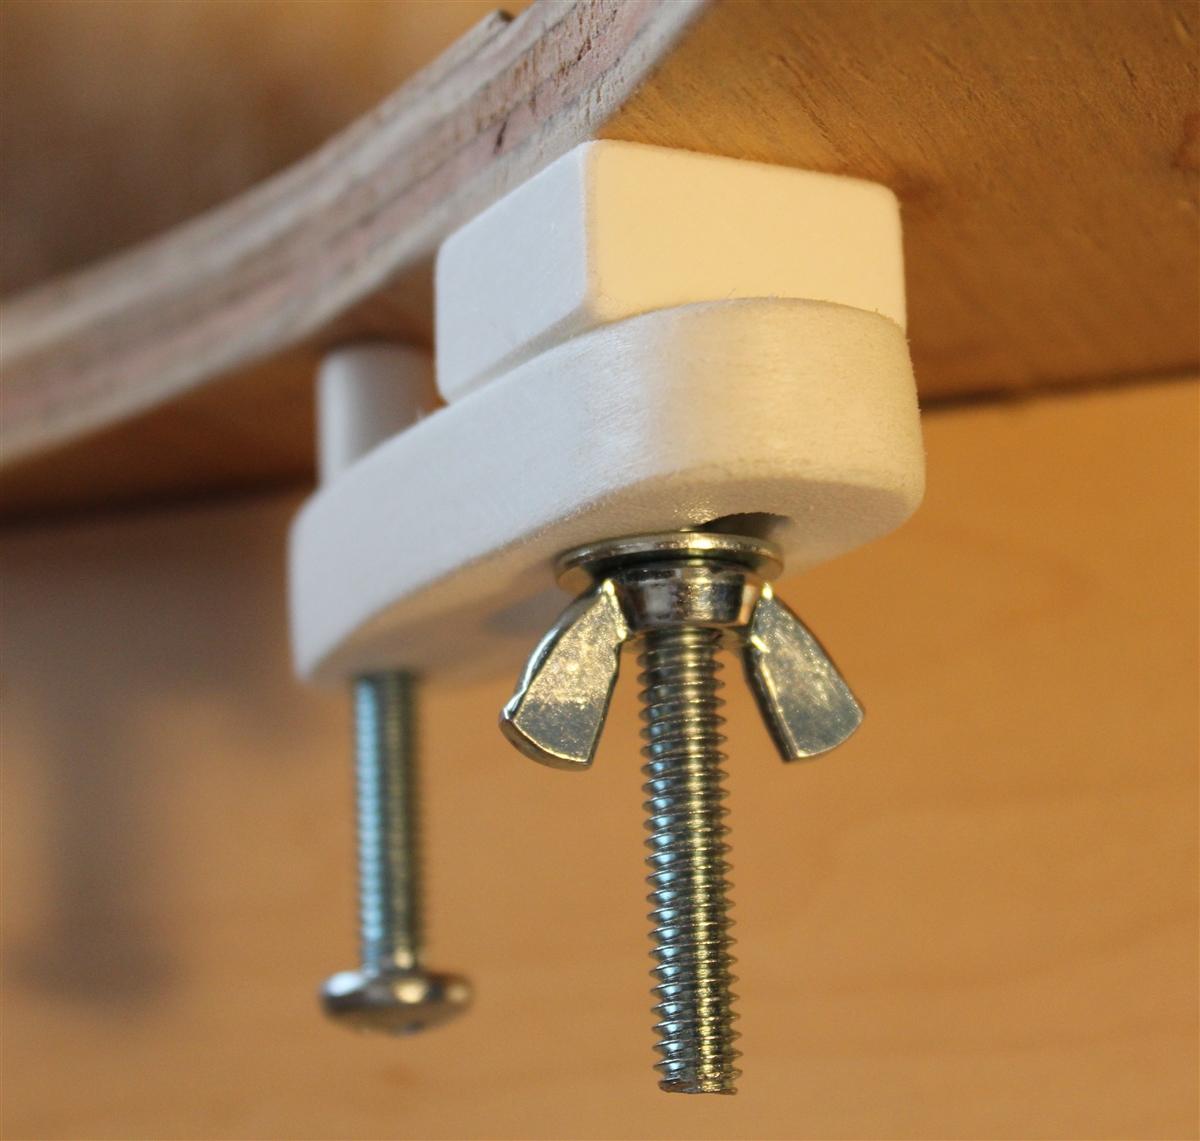 Sink Mount Kit Under Mount Sink Installation Bracket